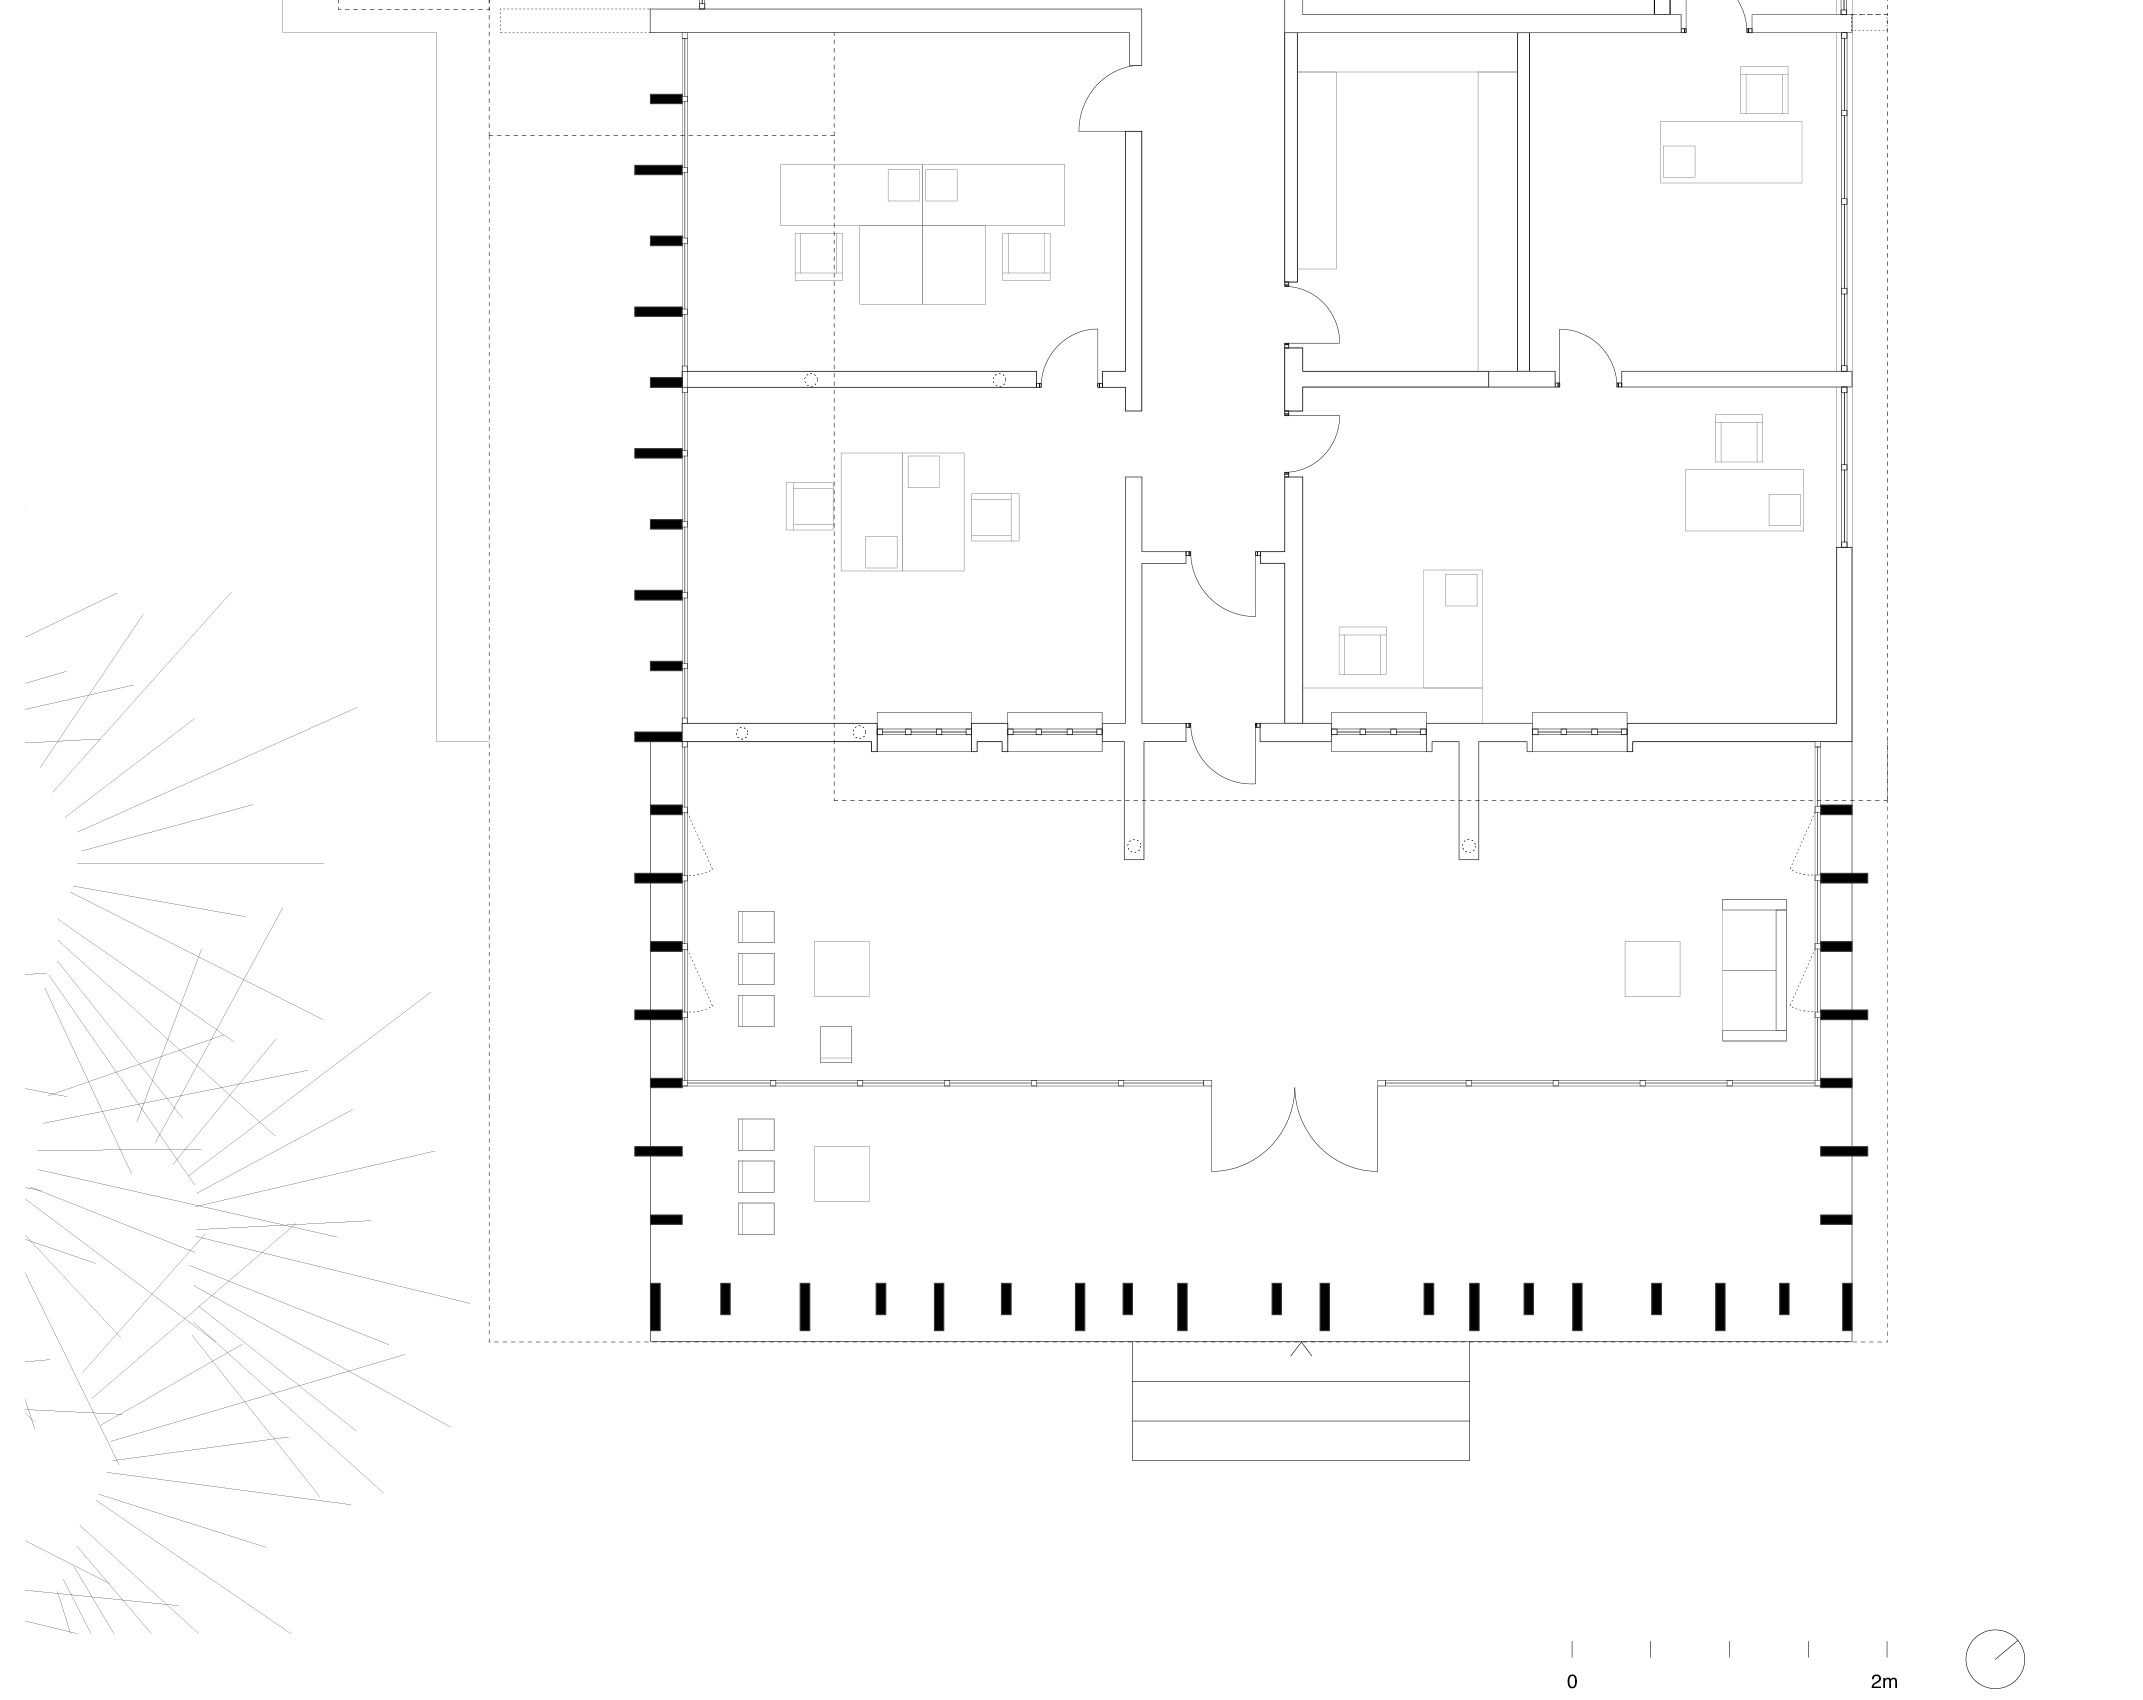 ABI_plan_PUBLI-50-150713_BLCK